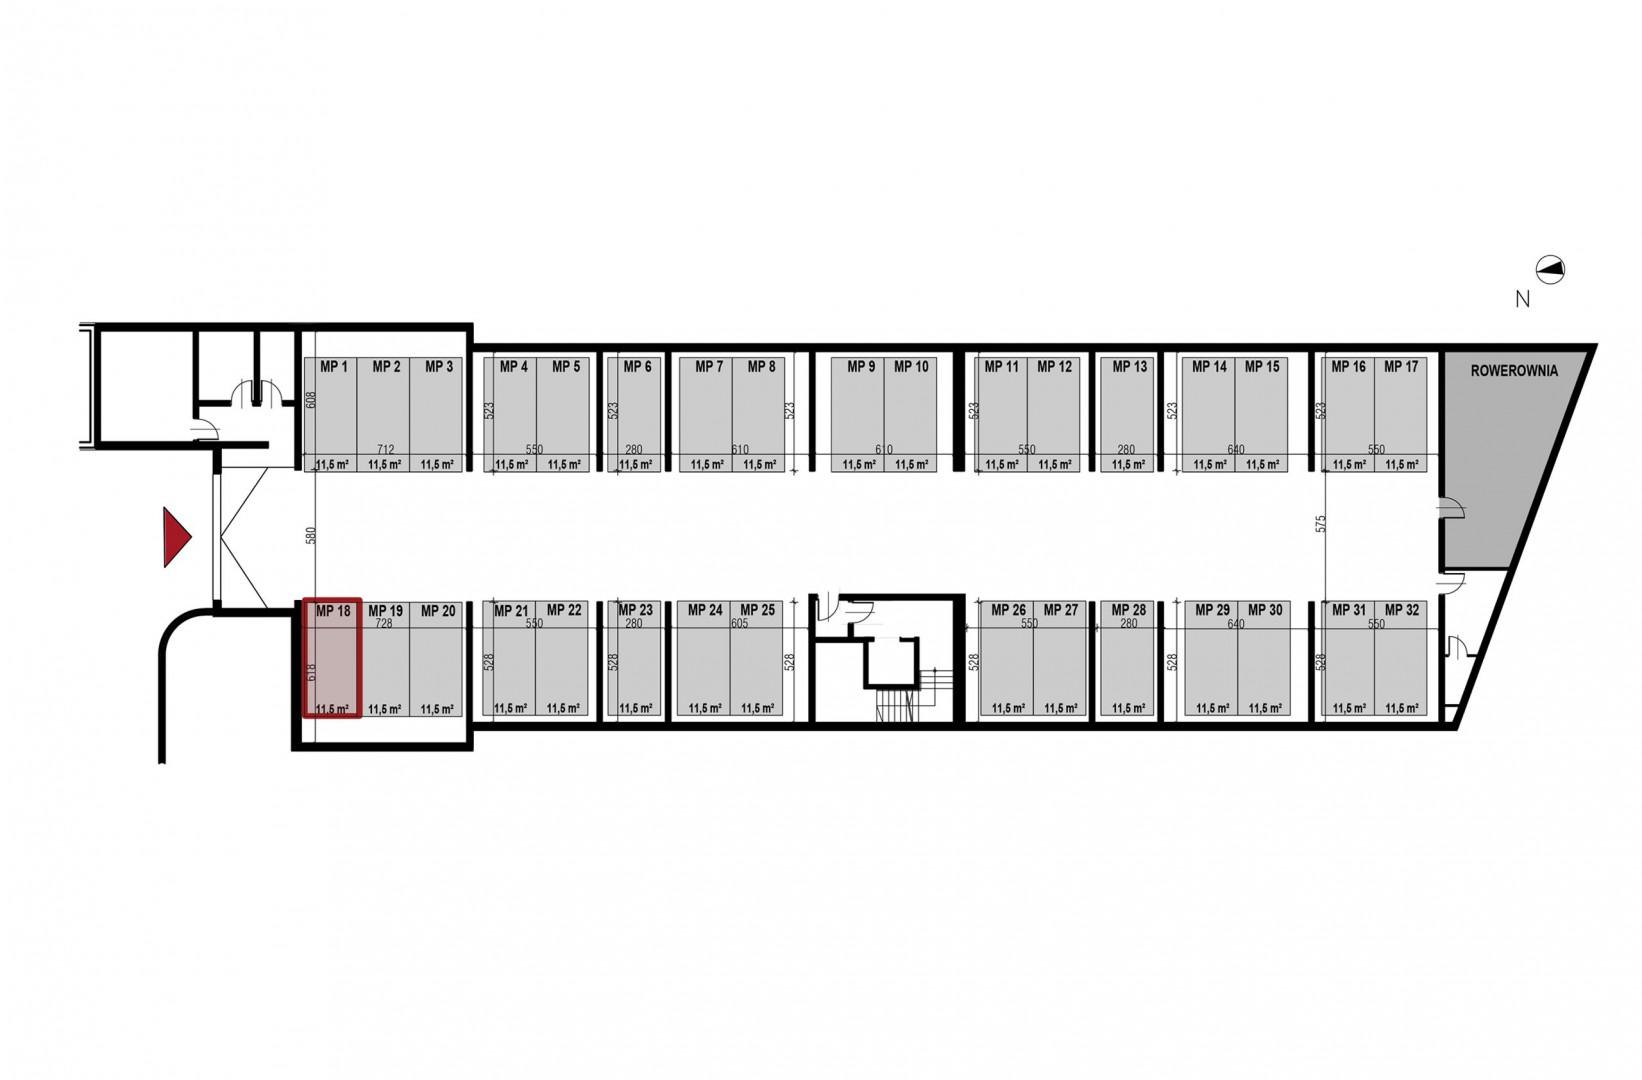 Uroczysko II / budynek 3 / miejsce postojowe 18 rzut 1